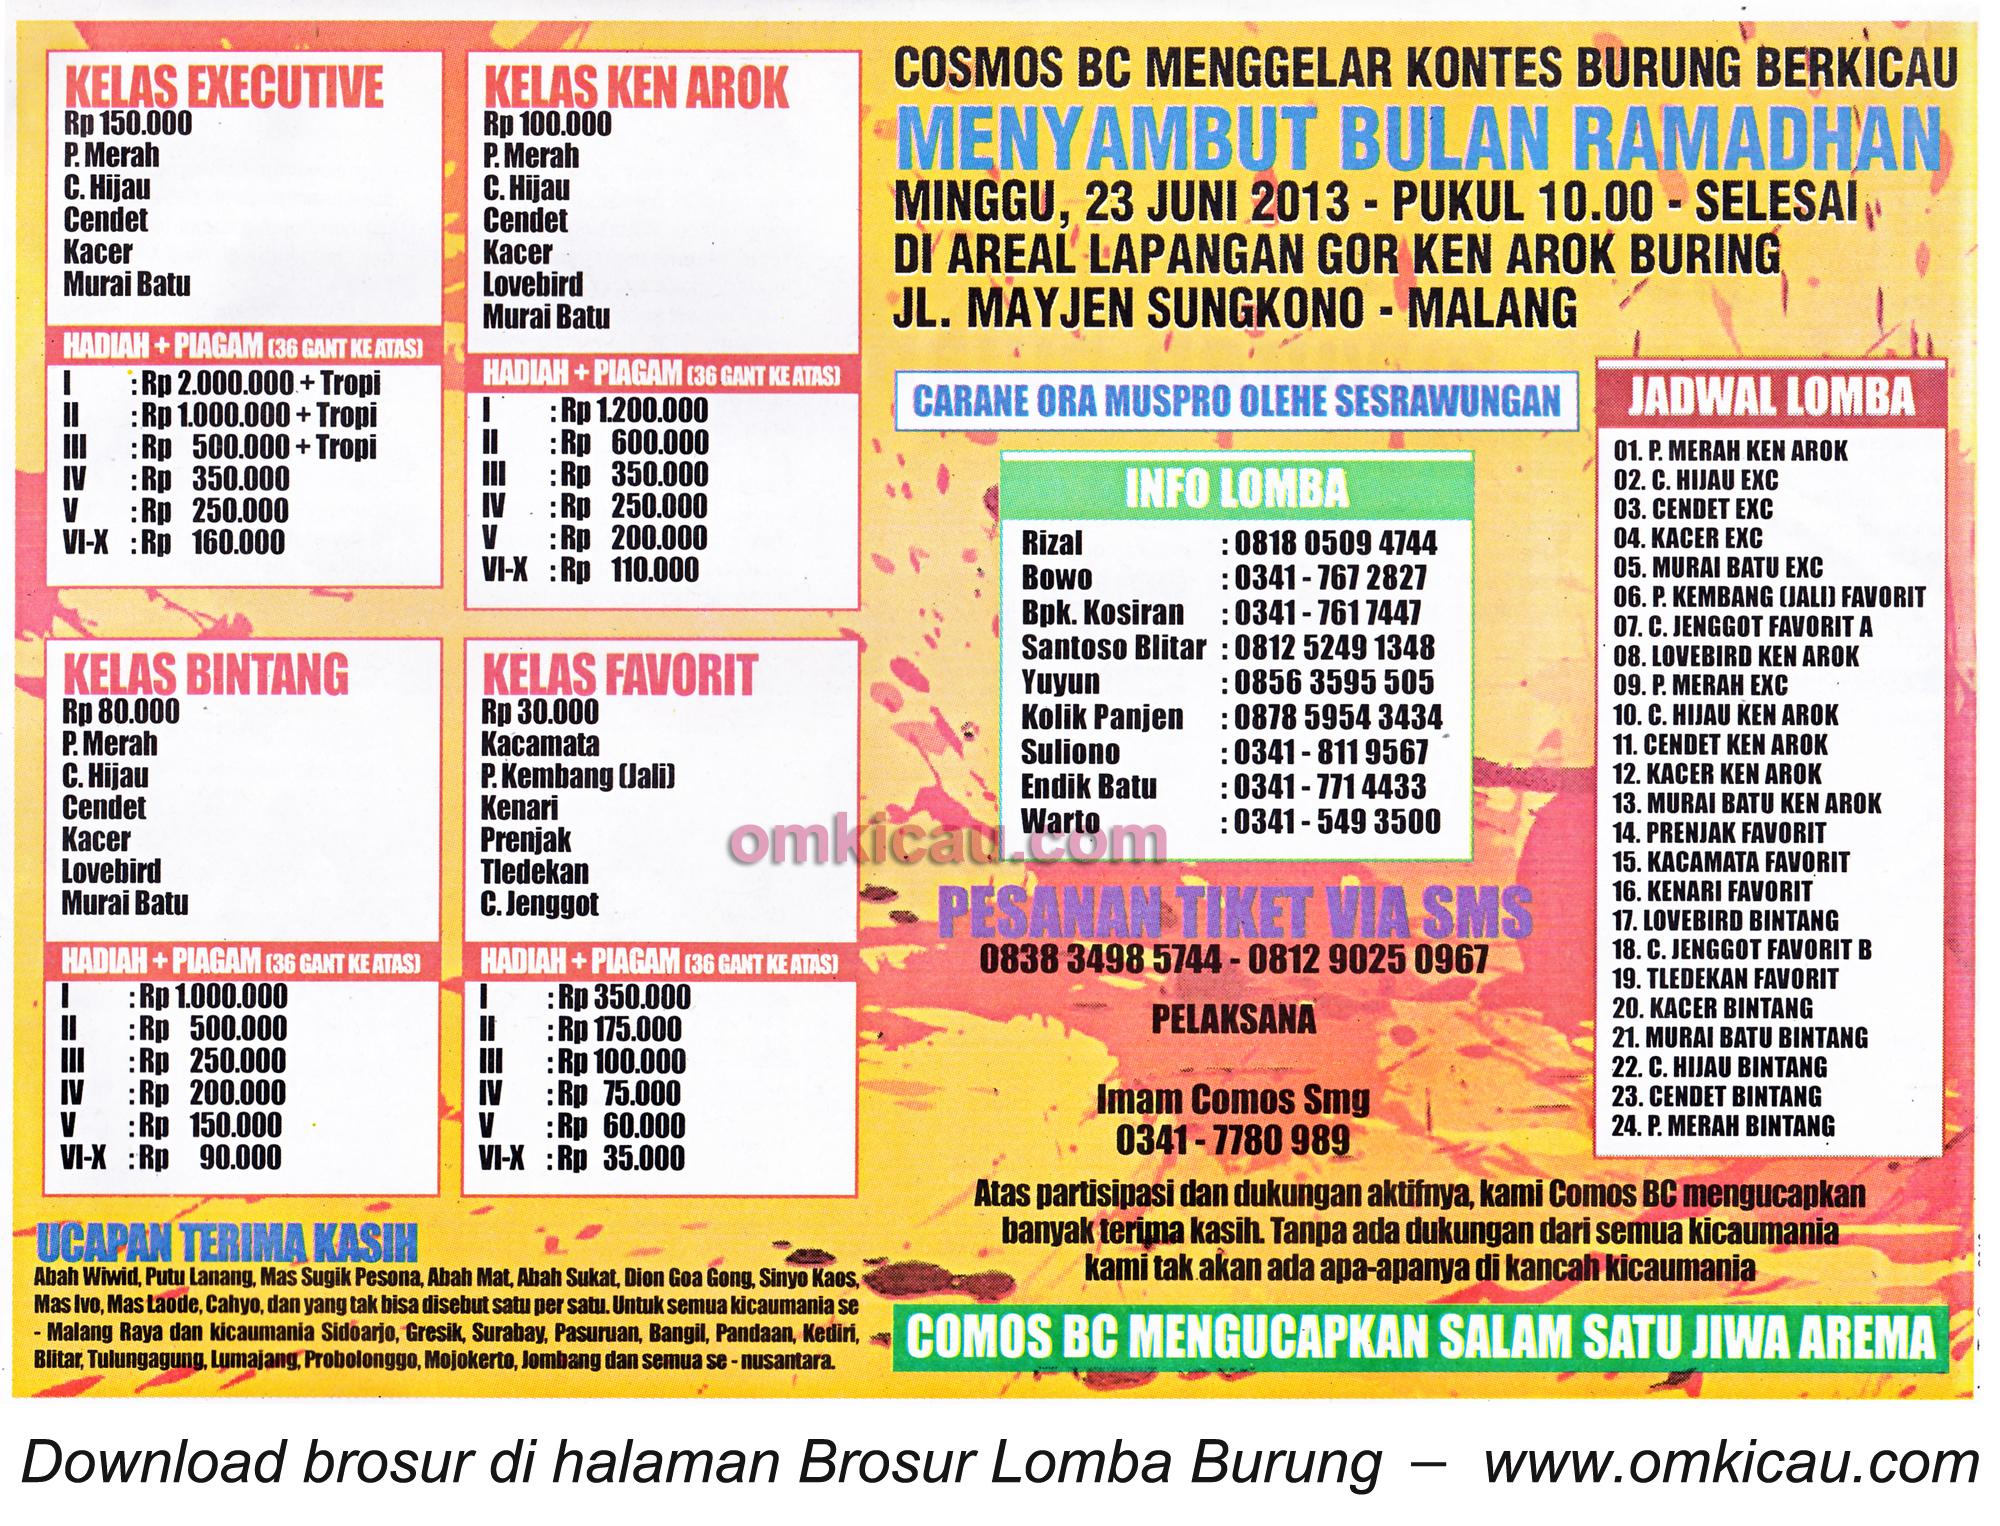 Brosur Lomba Burung Cosmos BC Malang 30 Juni 2013